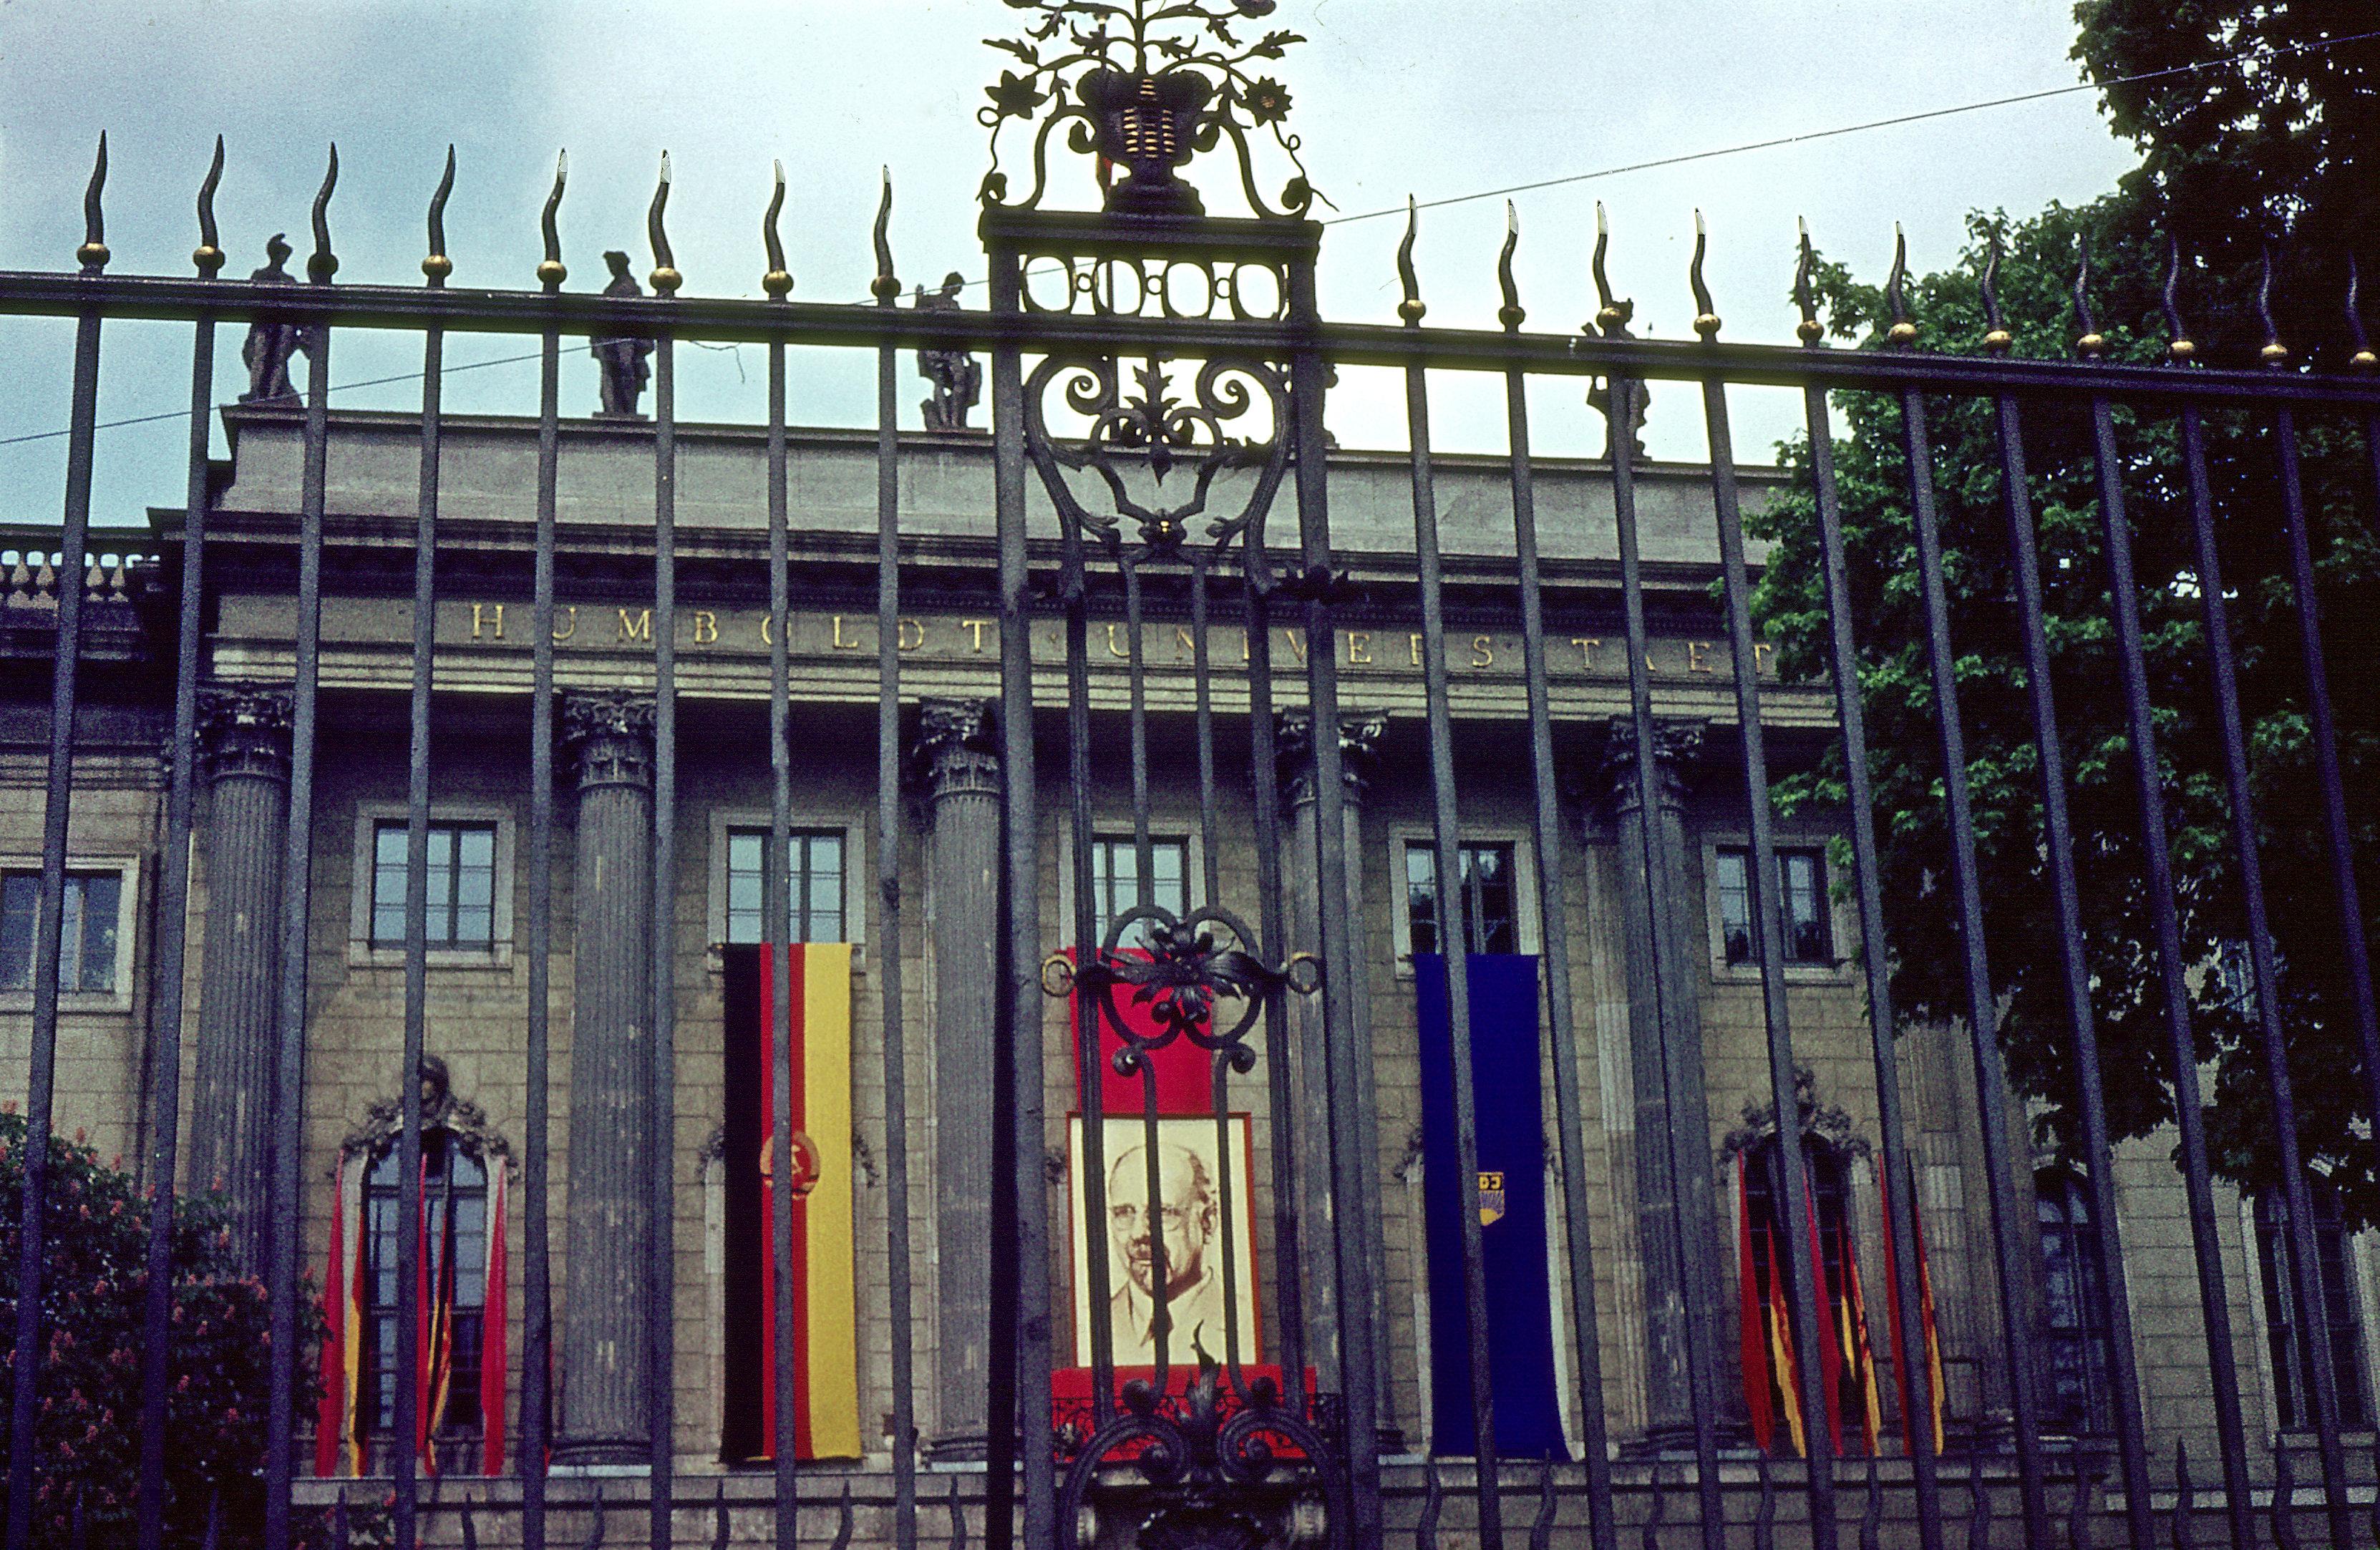 Die Humboldt-Universität 1964 zu DDR-Zeiten. CC 3.0